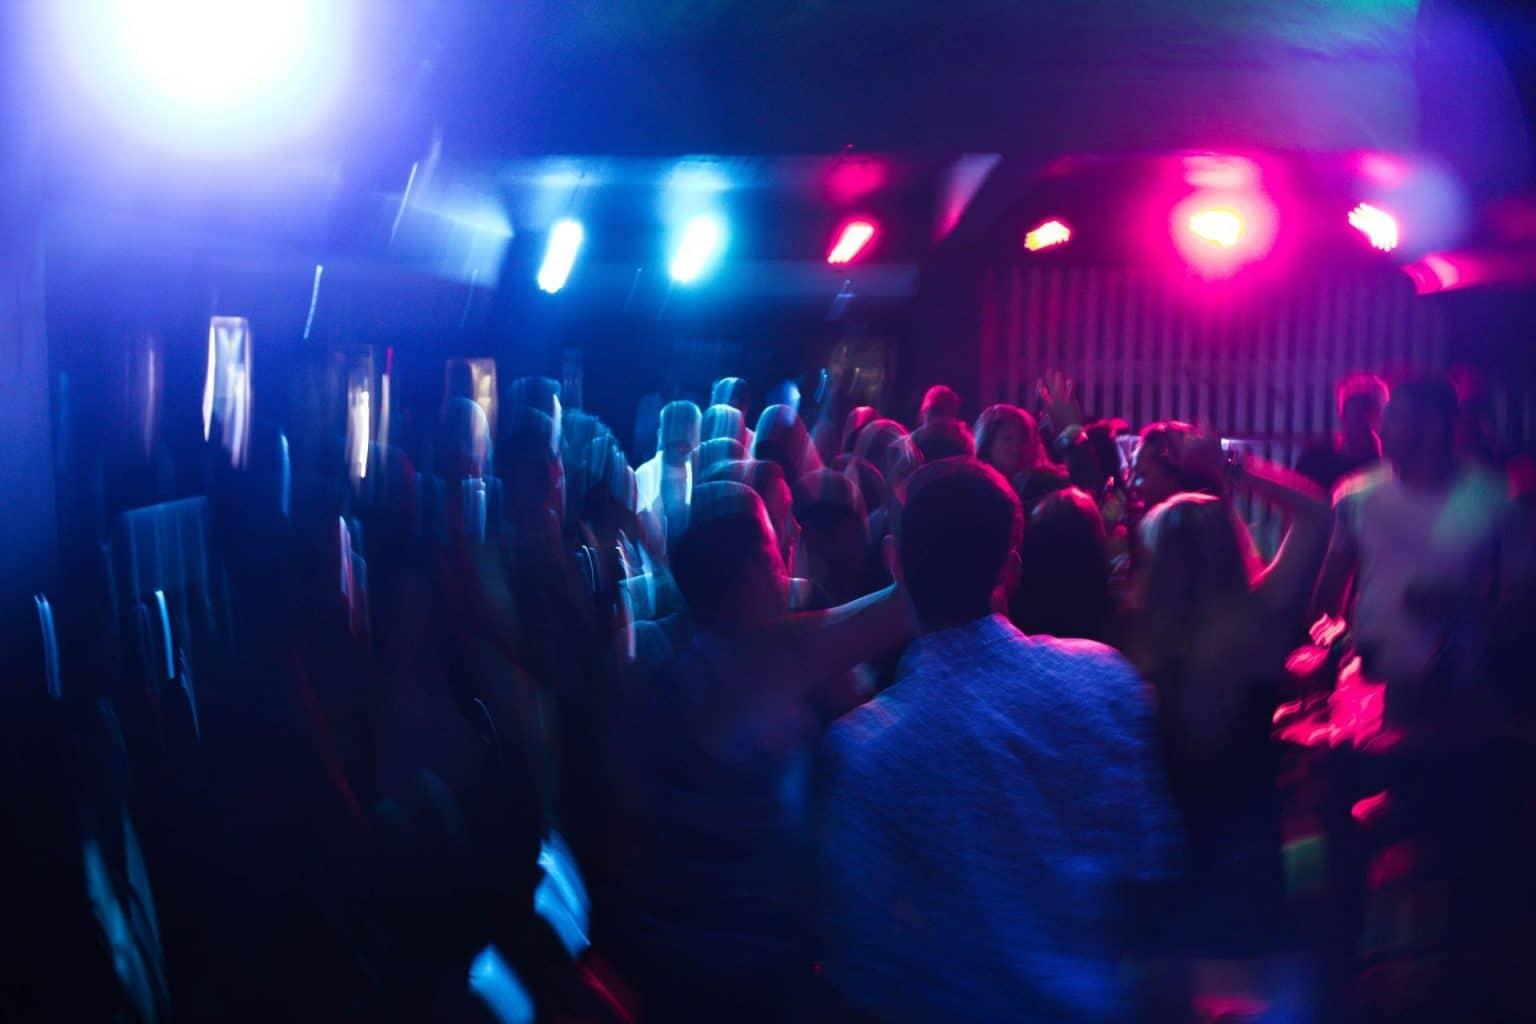 Santorini nightclub